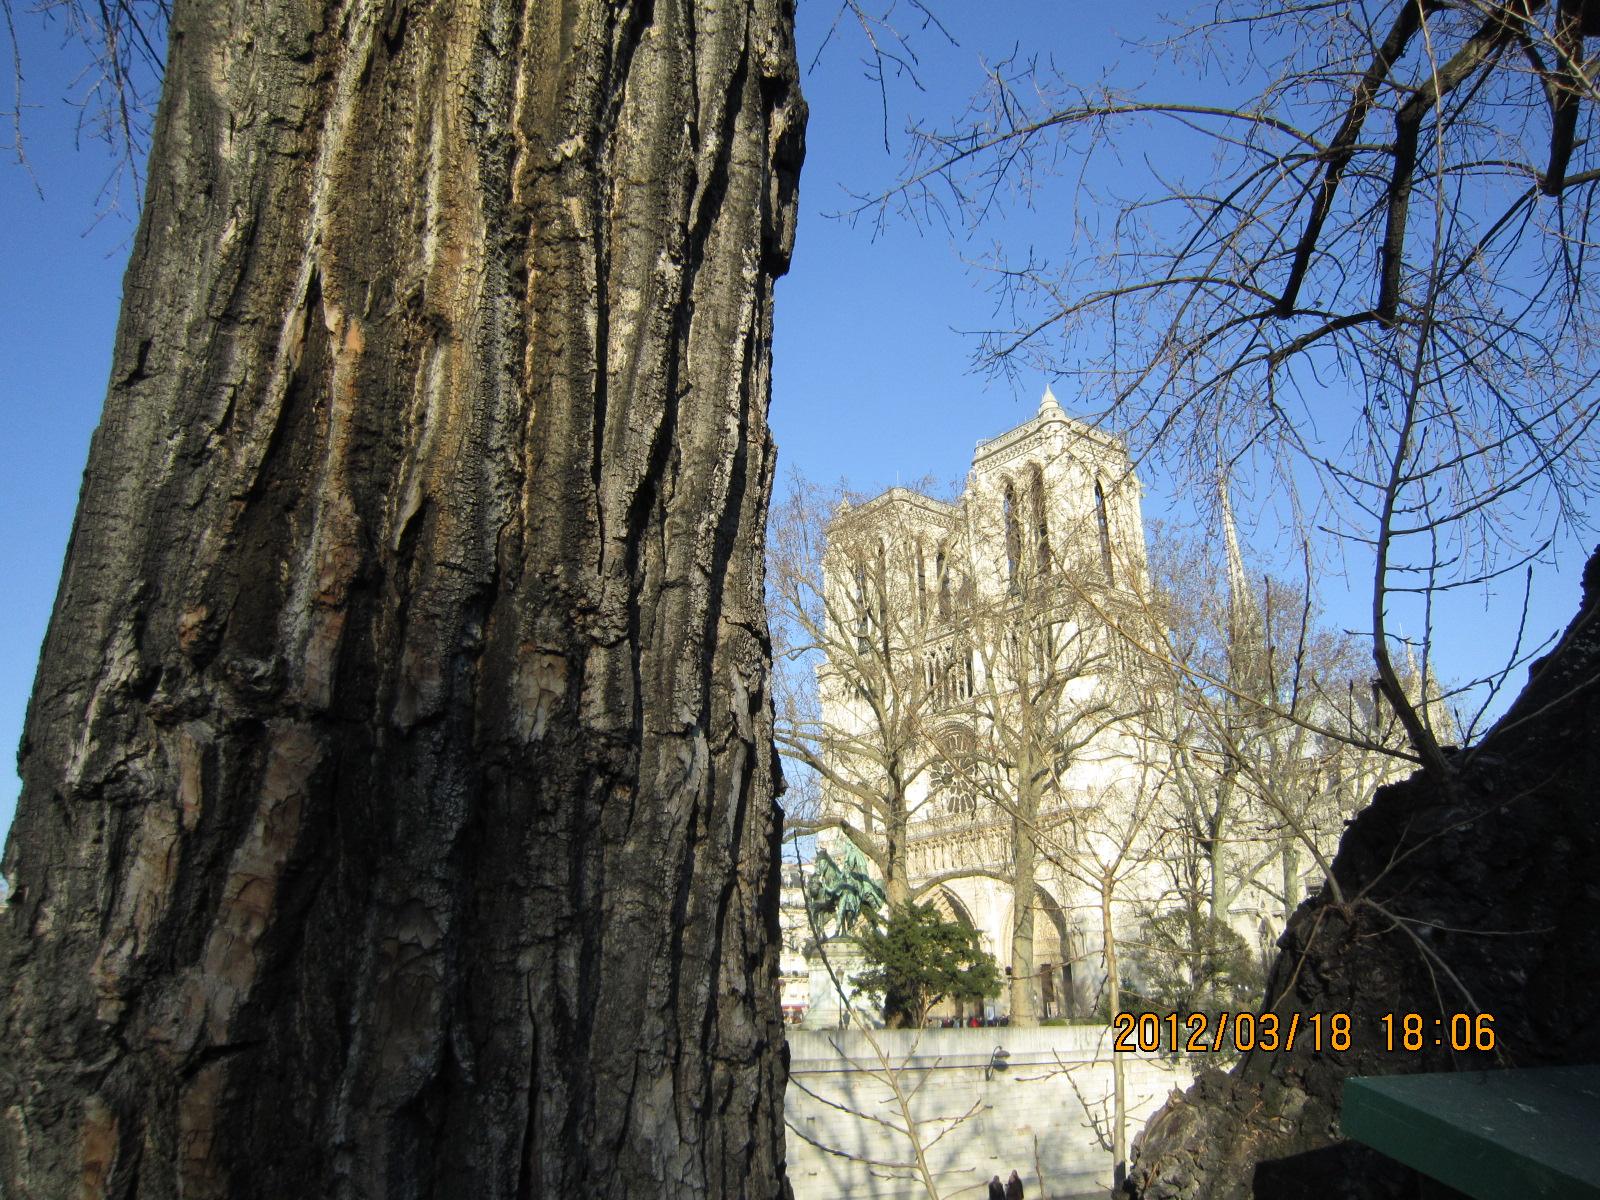 Pour les grincheux qui demandent sa démolition  un petit point d'histoire sur le sauvetage de Notre-Dame de Paris au XIXème siècle grâce à Victor Hugo